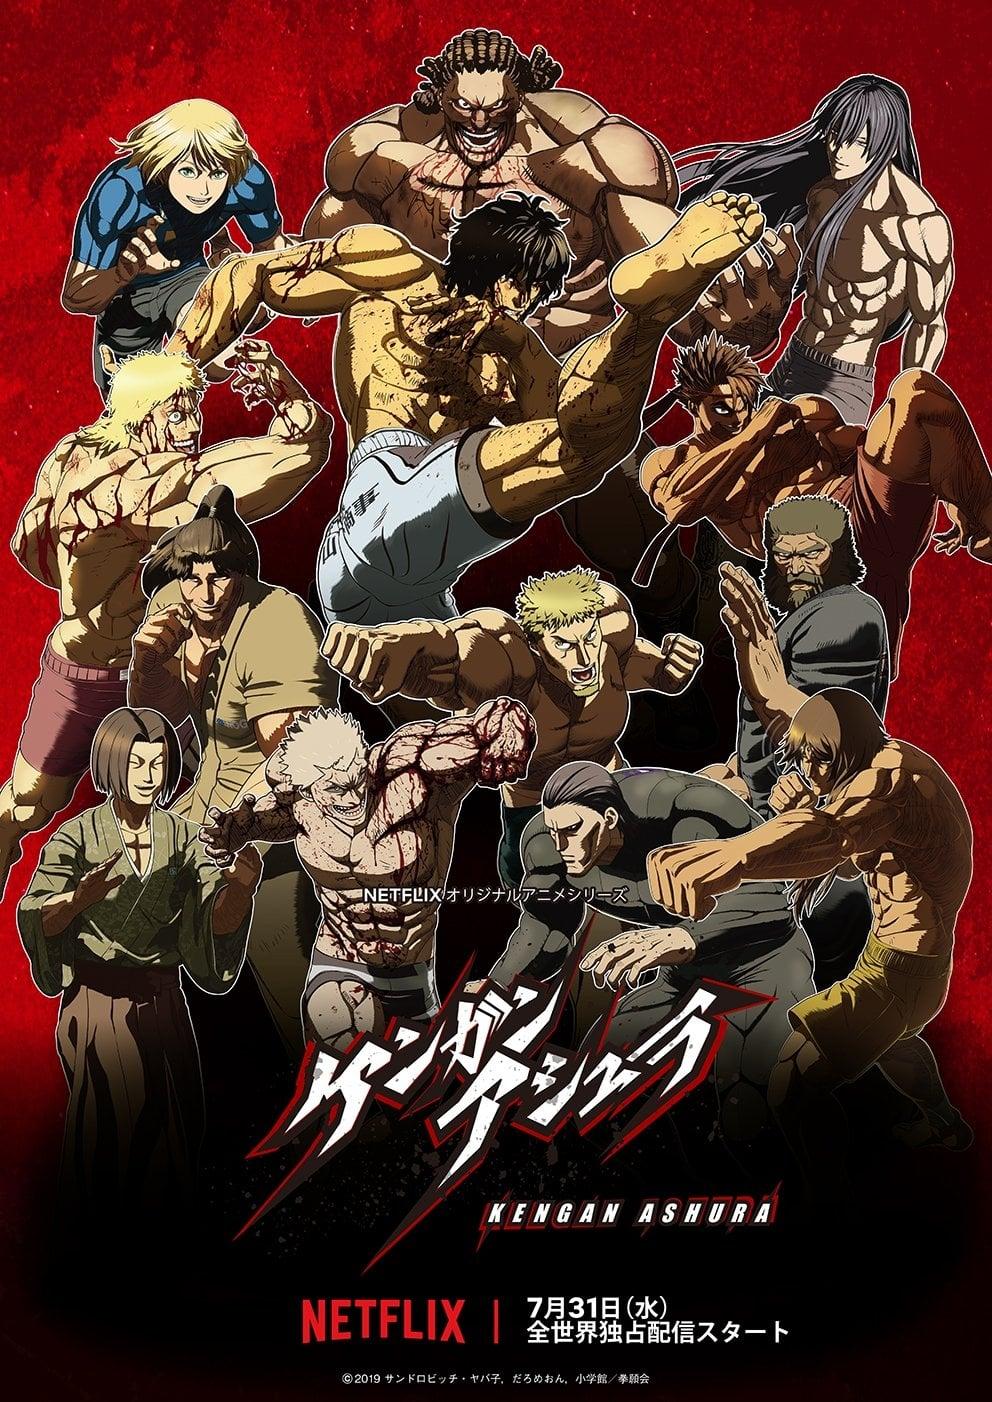 ケンガンアシュラ TV Shows About Martial Arts